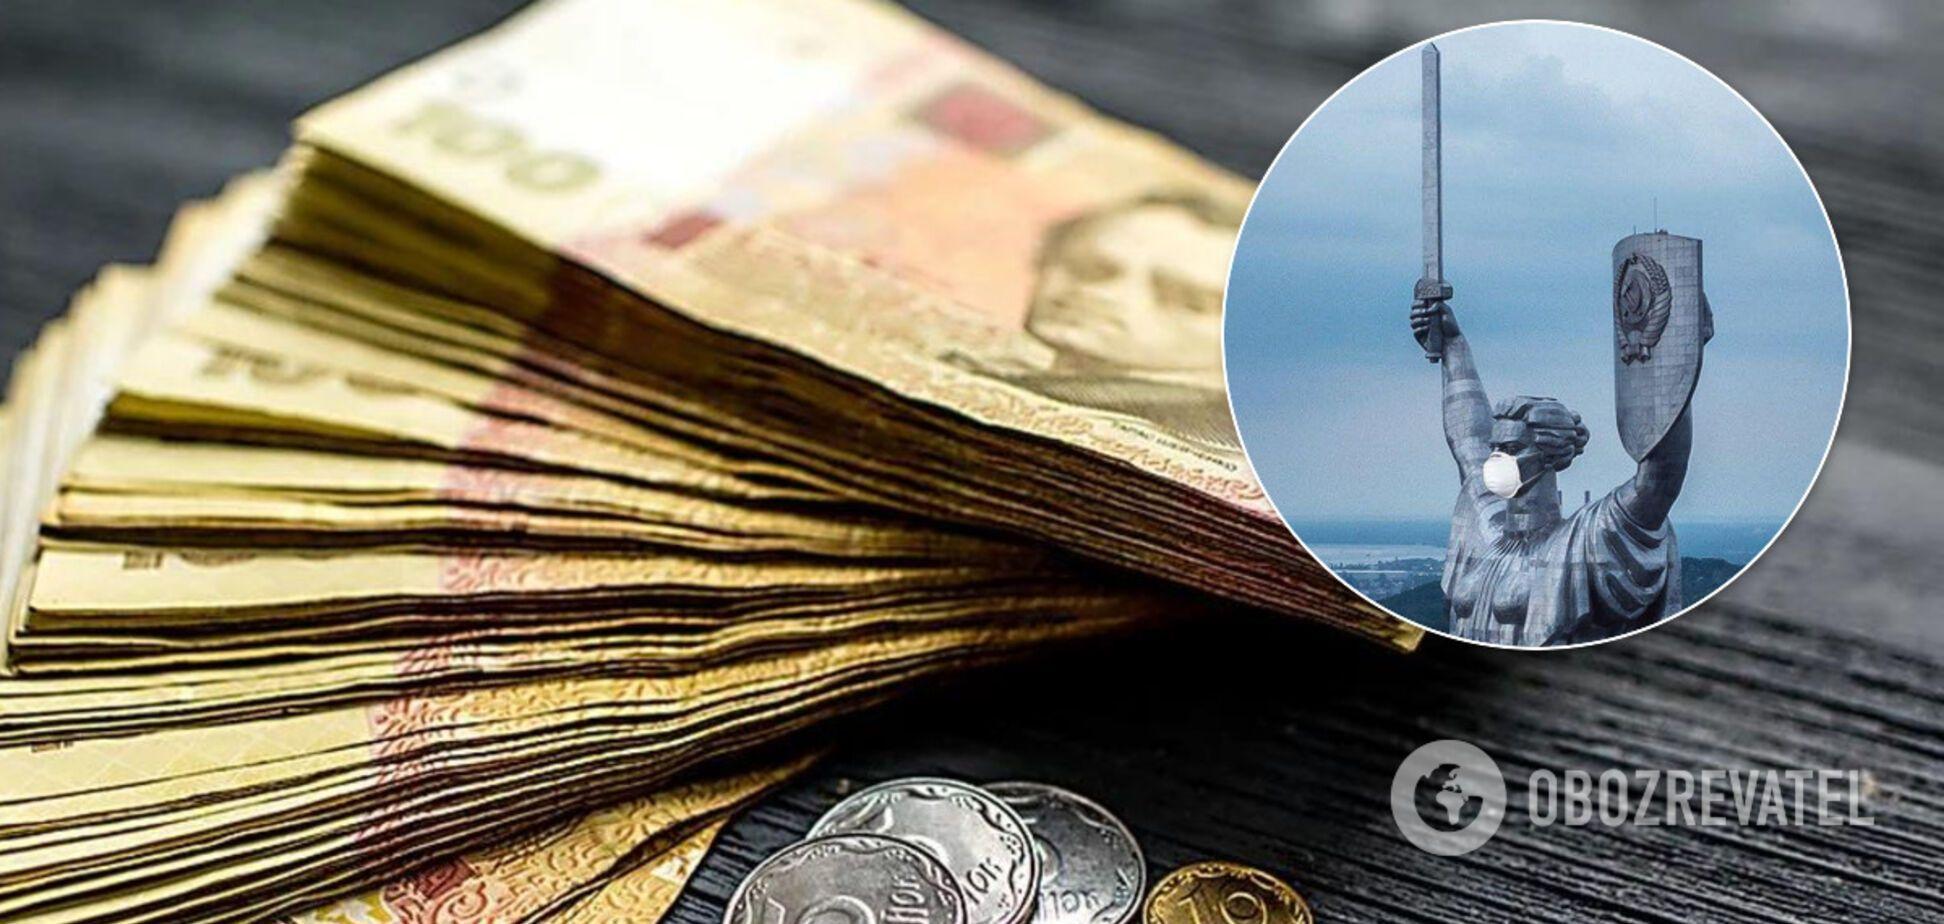 Киев из-за коронавируса решил радикально изменить направления расходов. Иллюстрация